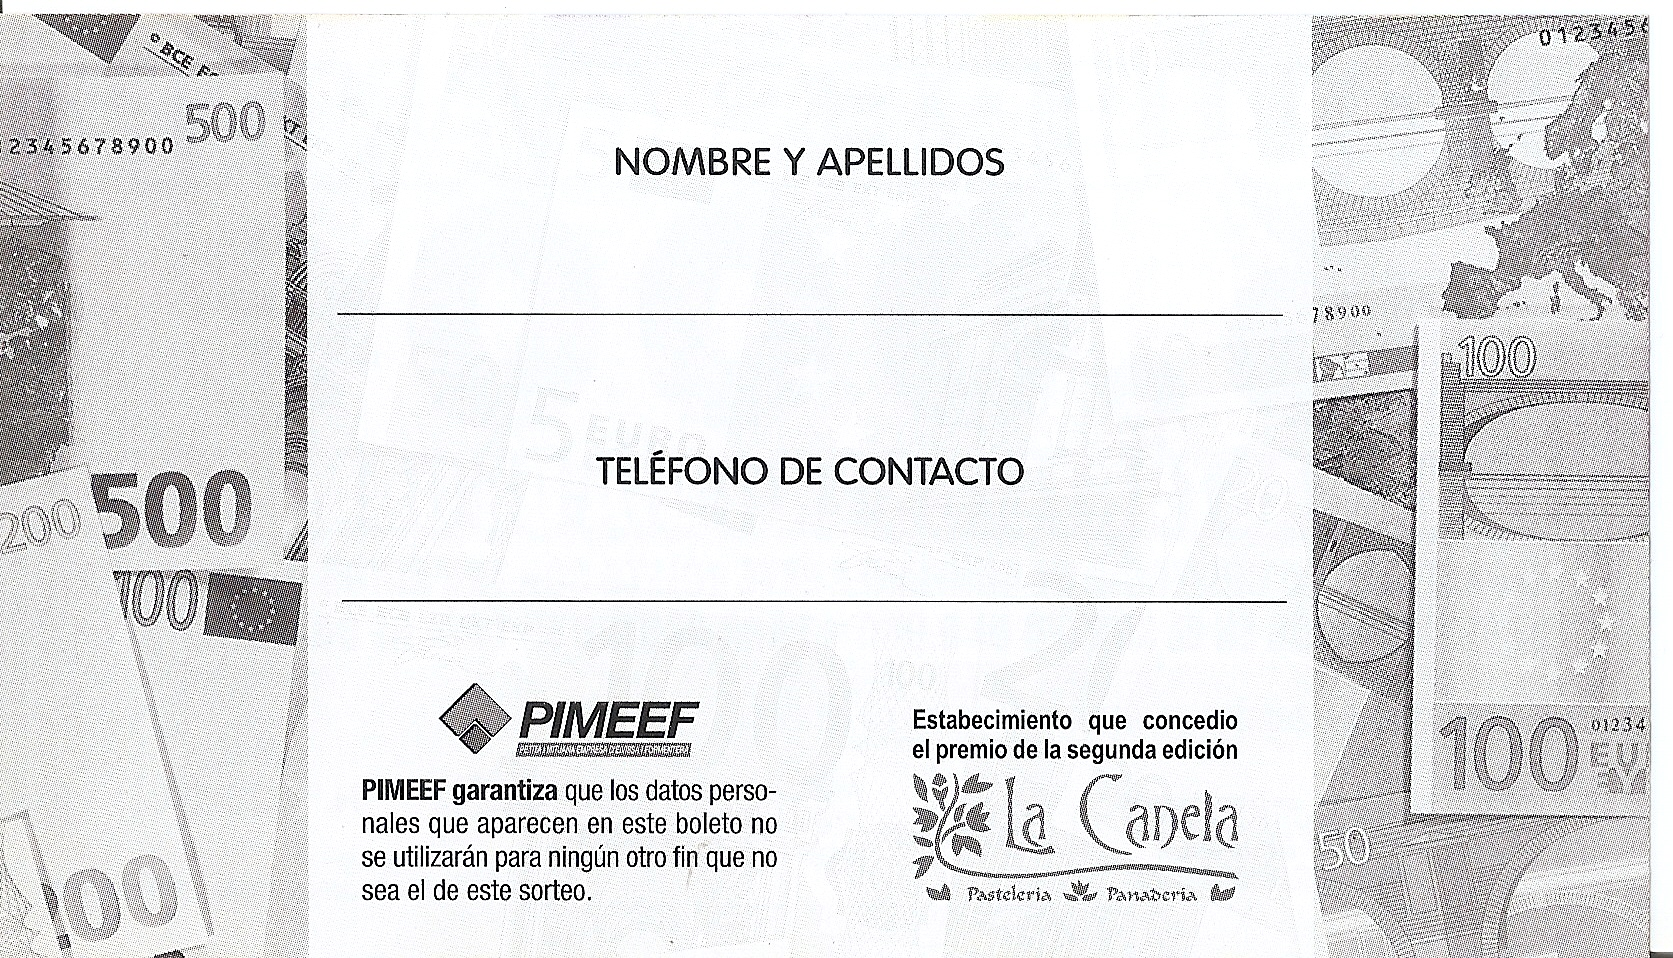 REVERSO DEL CUPÓN A RELLENAR POR EL CLIENTE